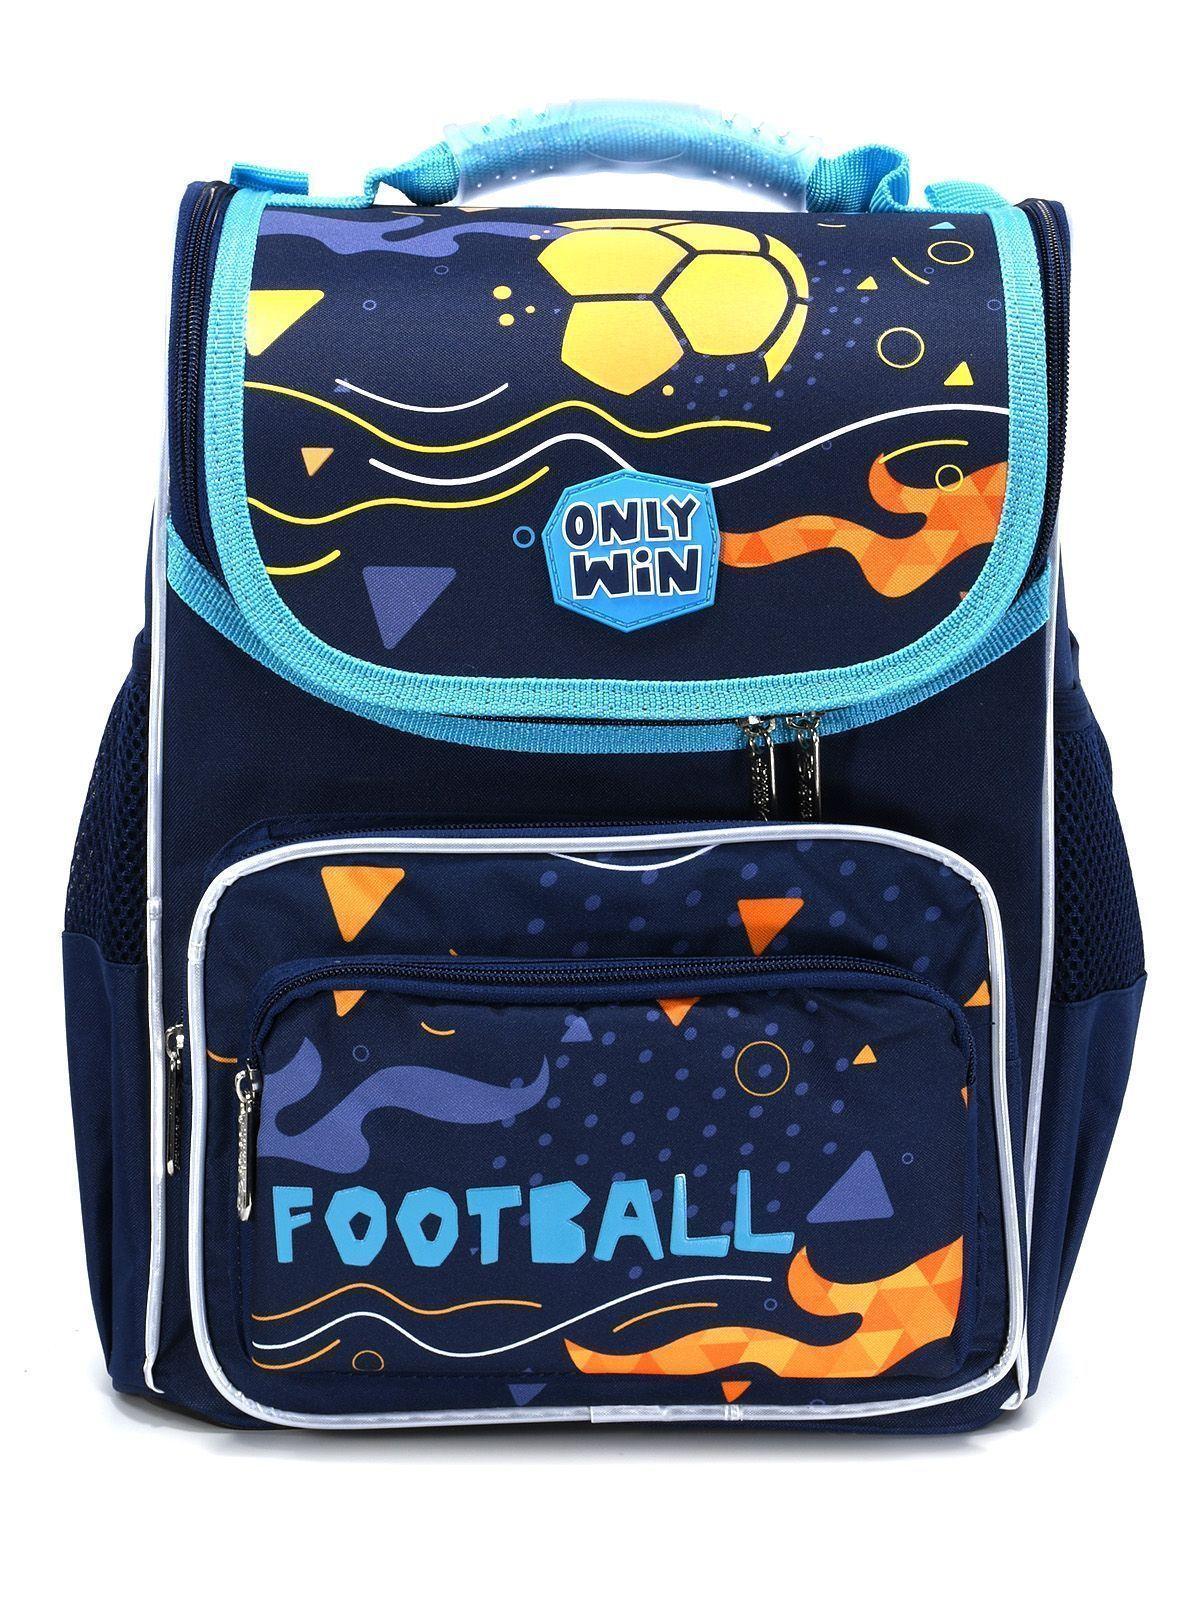 Рюкзак Schoolformat Football, модель BASIC, жесткий каркас, односекционный, 36х26х20 см, 15 л, для мальчиков